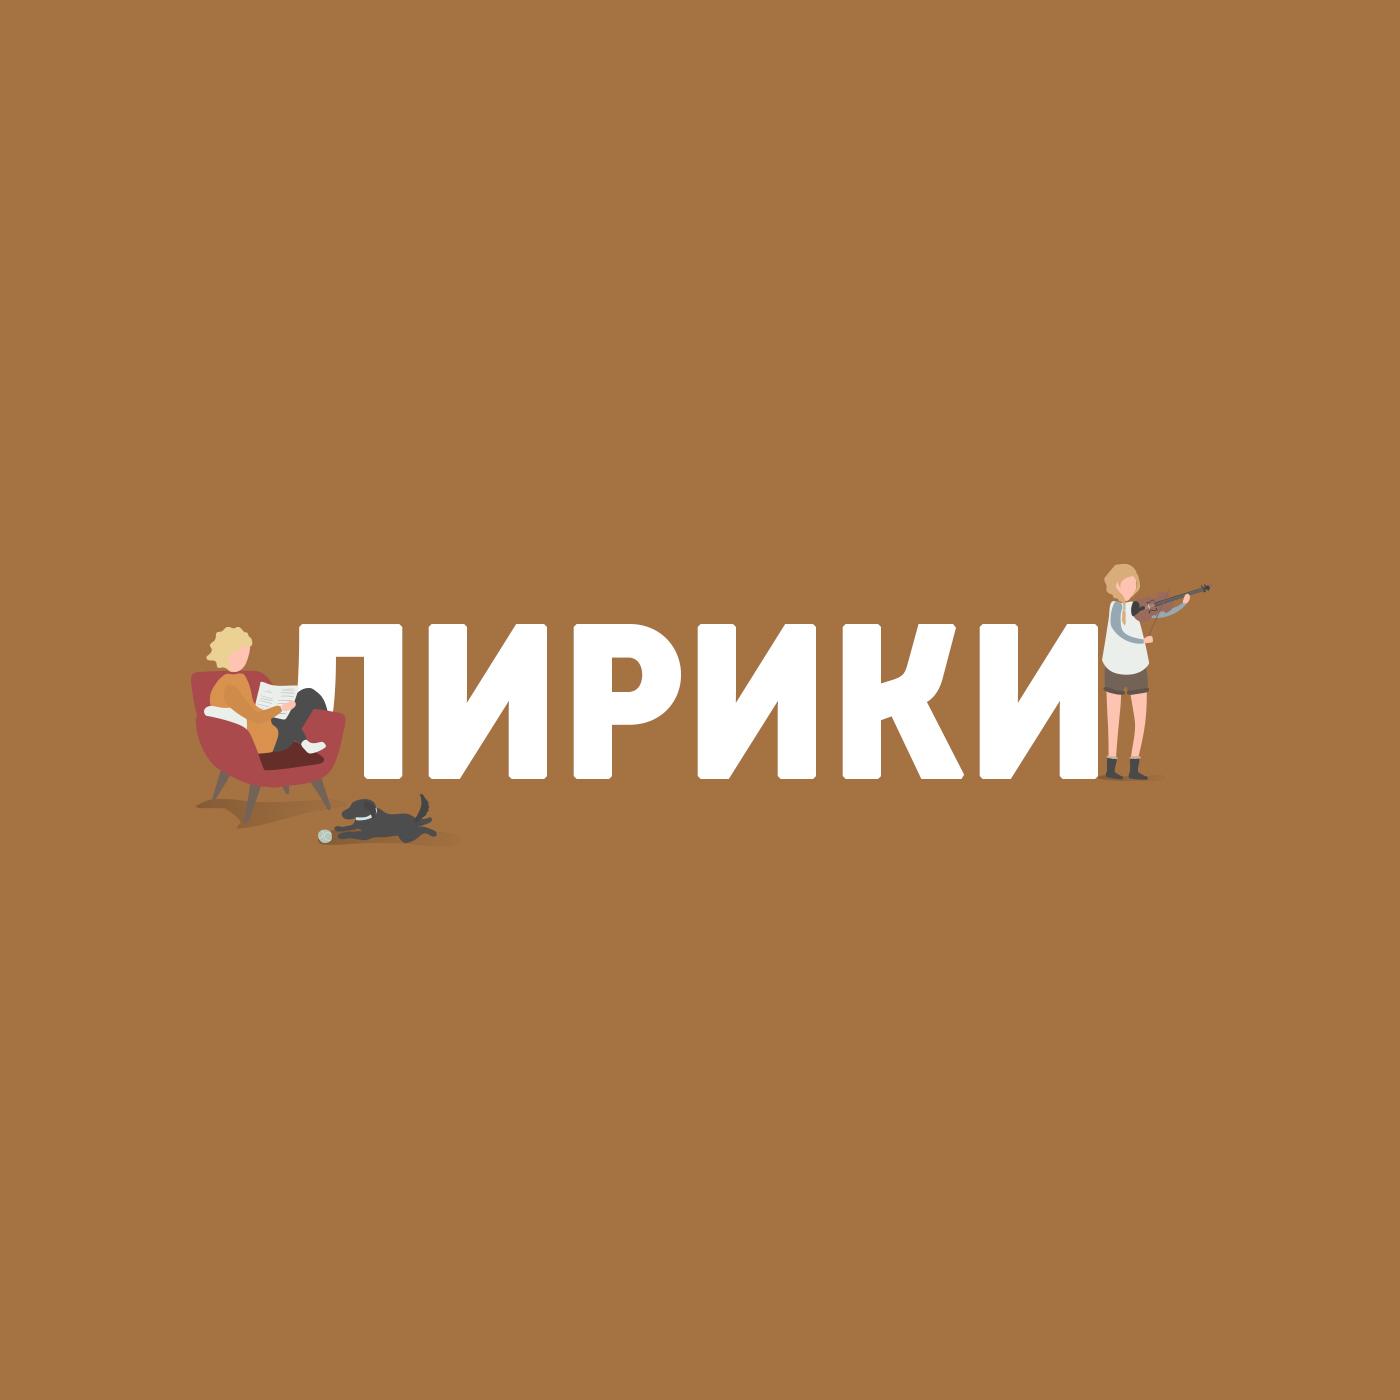 Почему русские девушки без ума от иностранных болельщиков, и почему это так раздражает наших мужчин?